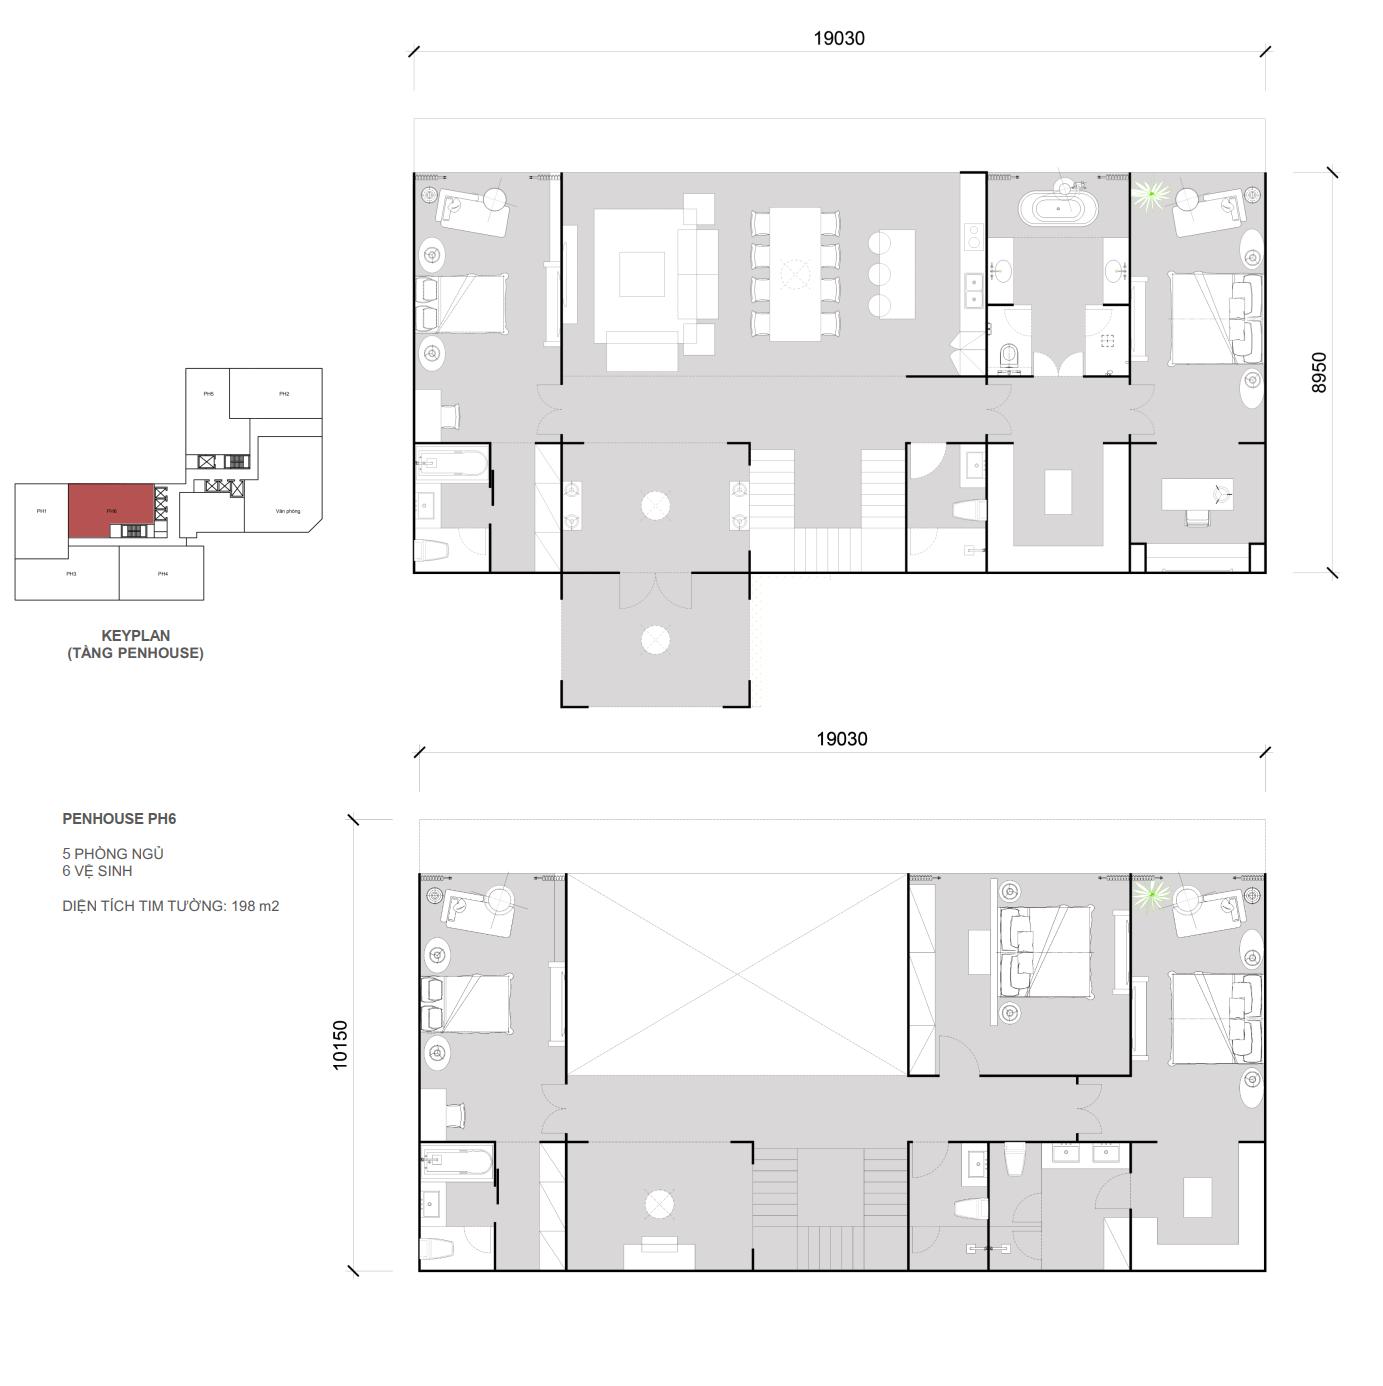 Thiết kế căn Penhouse 06 - 5 ngủ 6 wc - Diện tích 198 m2